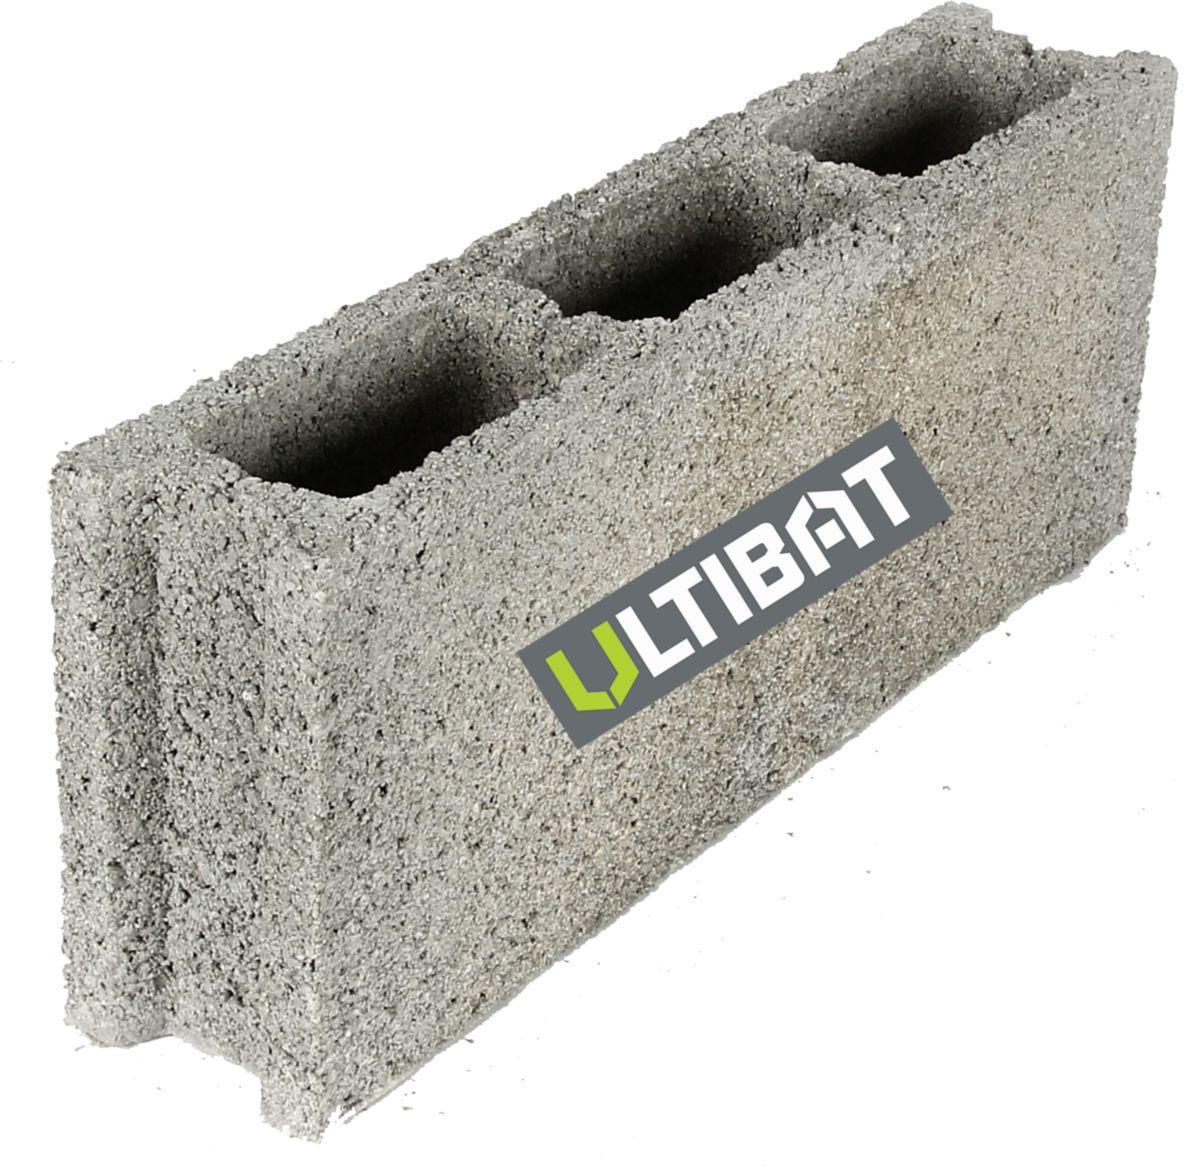 Ultibat Bloc Beton Creux B40 500x100x200 Mm Point P